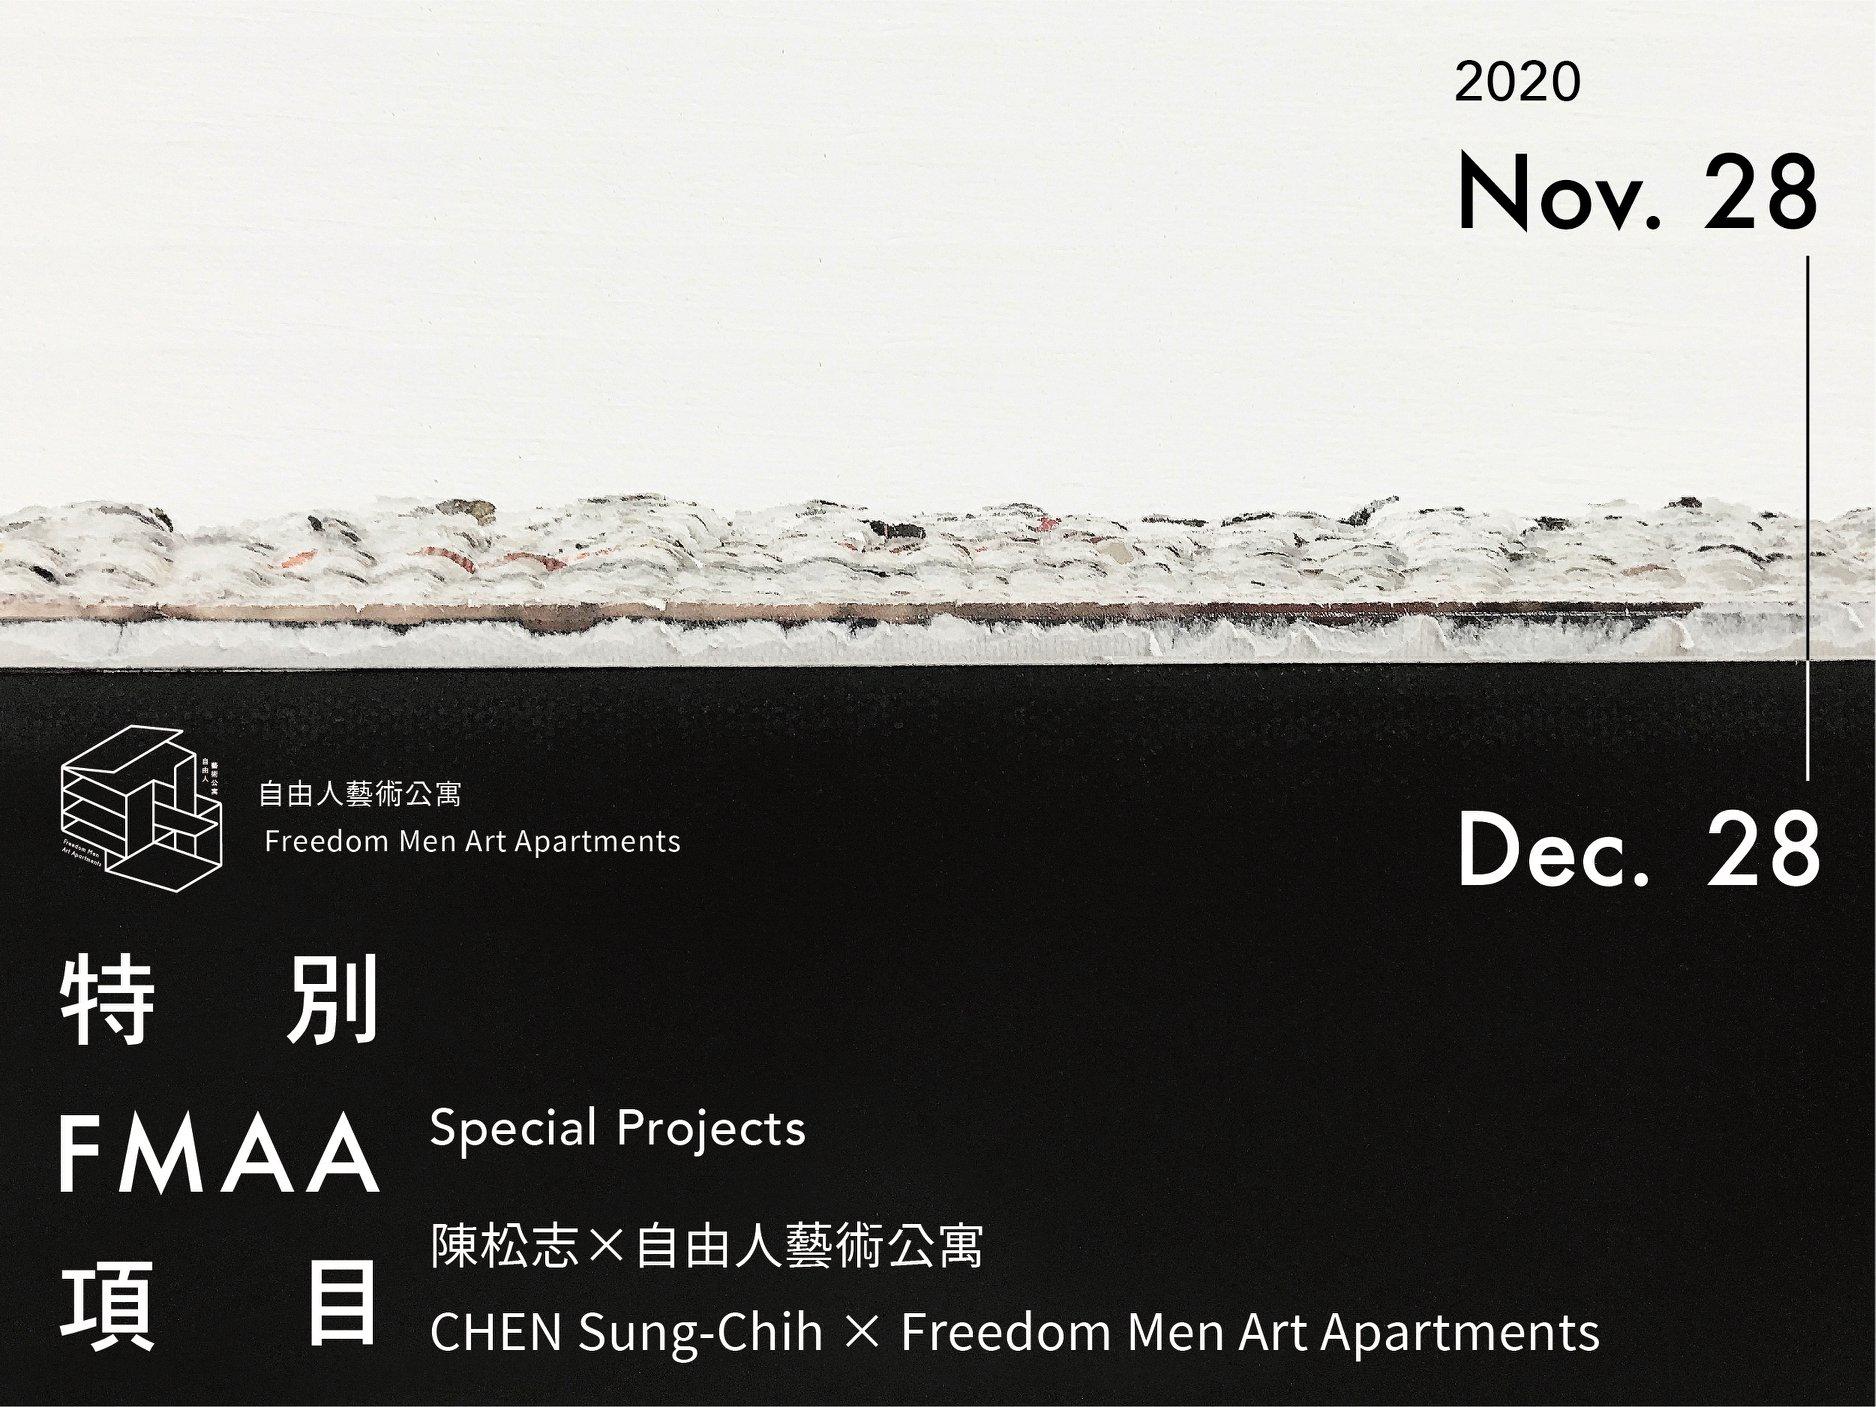 【特別項目 | 陳松志 x 自由人藝術公寓】